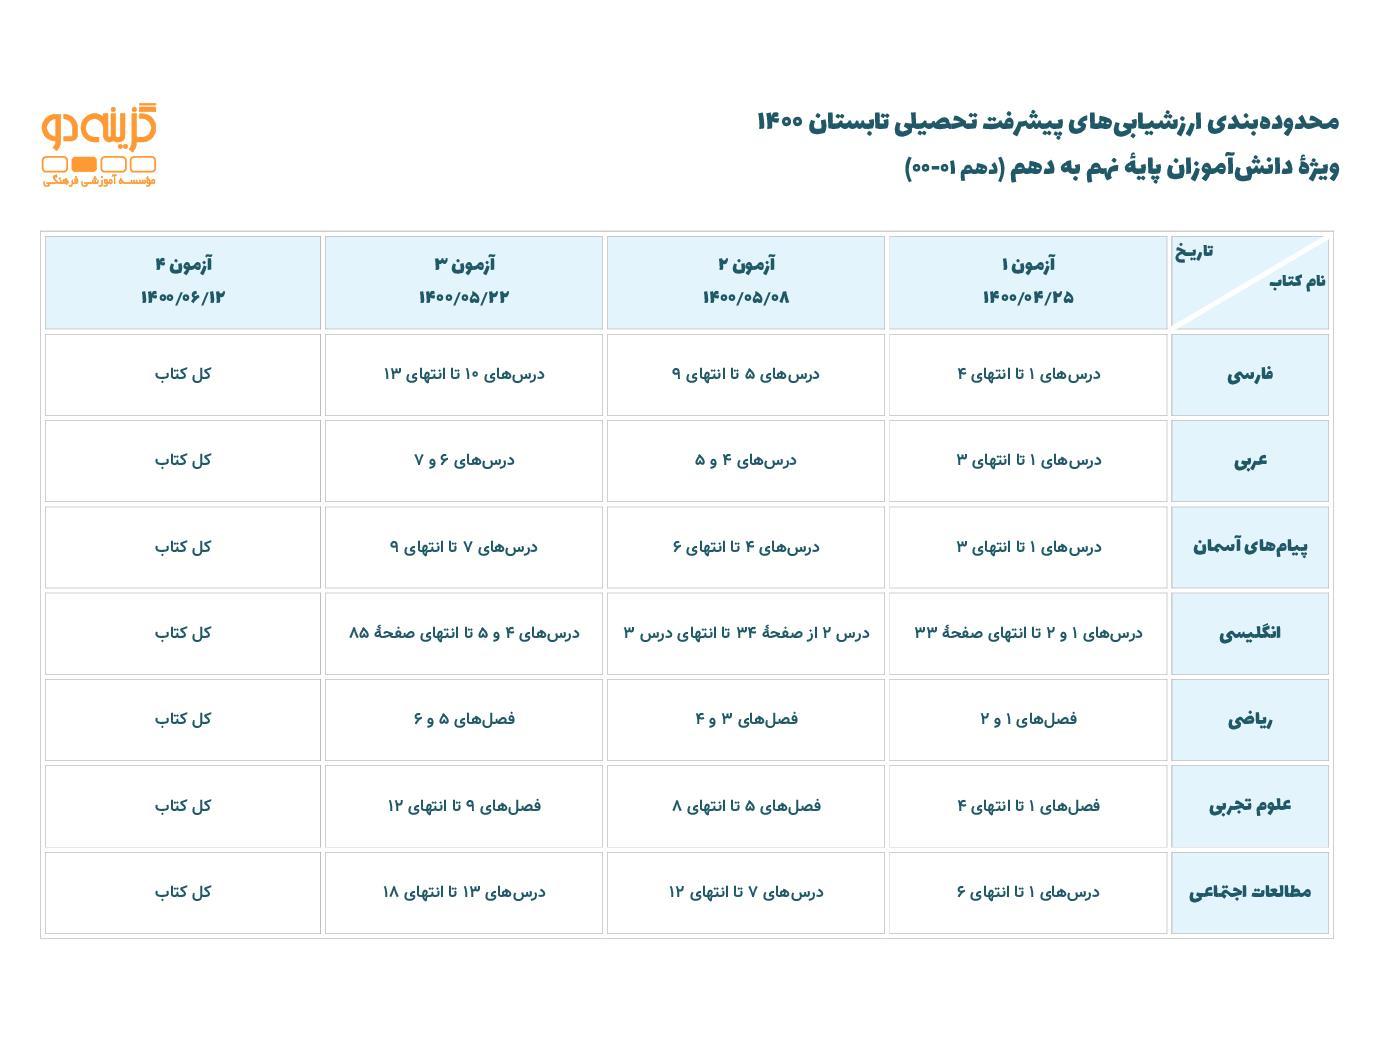 محدوده بندی ارزشیابی های پیشرفت تحصیلی در تابستان 1400 ویژه دانش آموزان نهم به دهم (PDF)